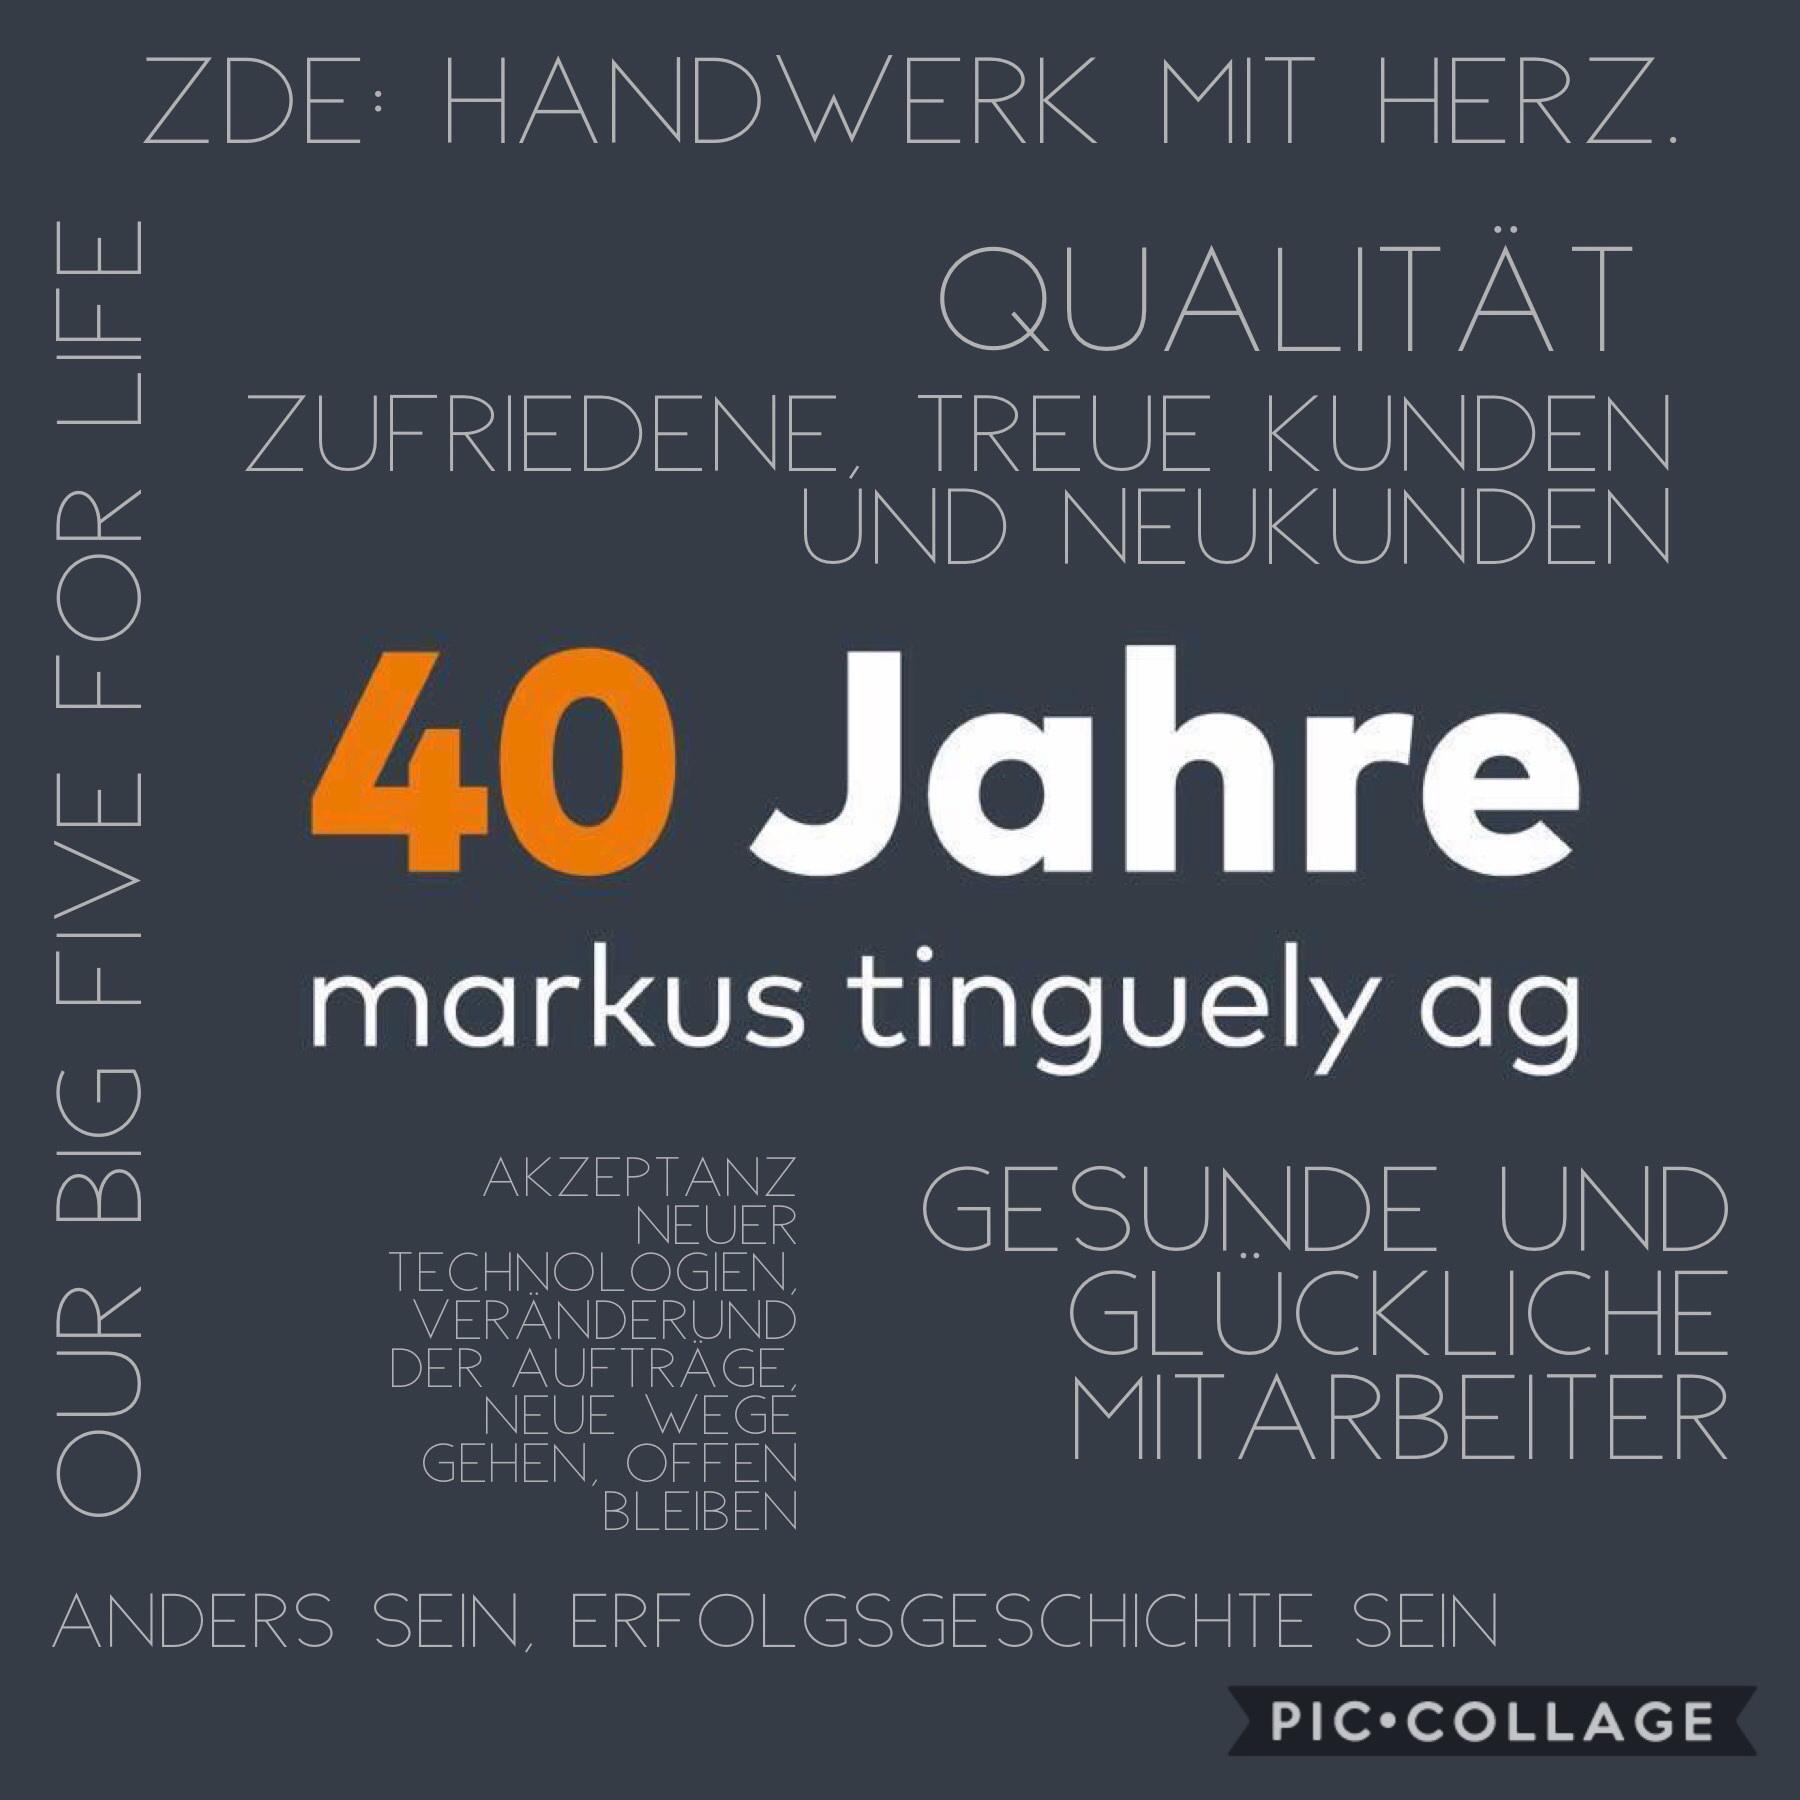 40 Jahre Carrosserie-Autospritzwerk